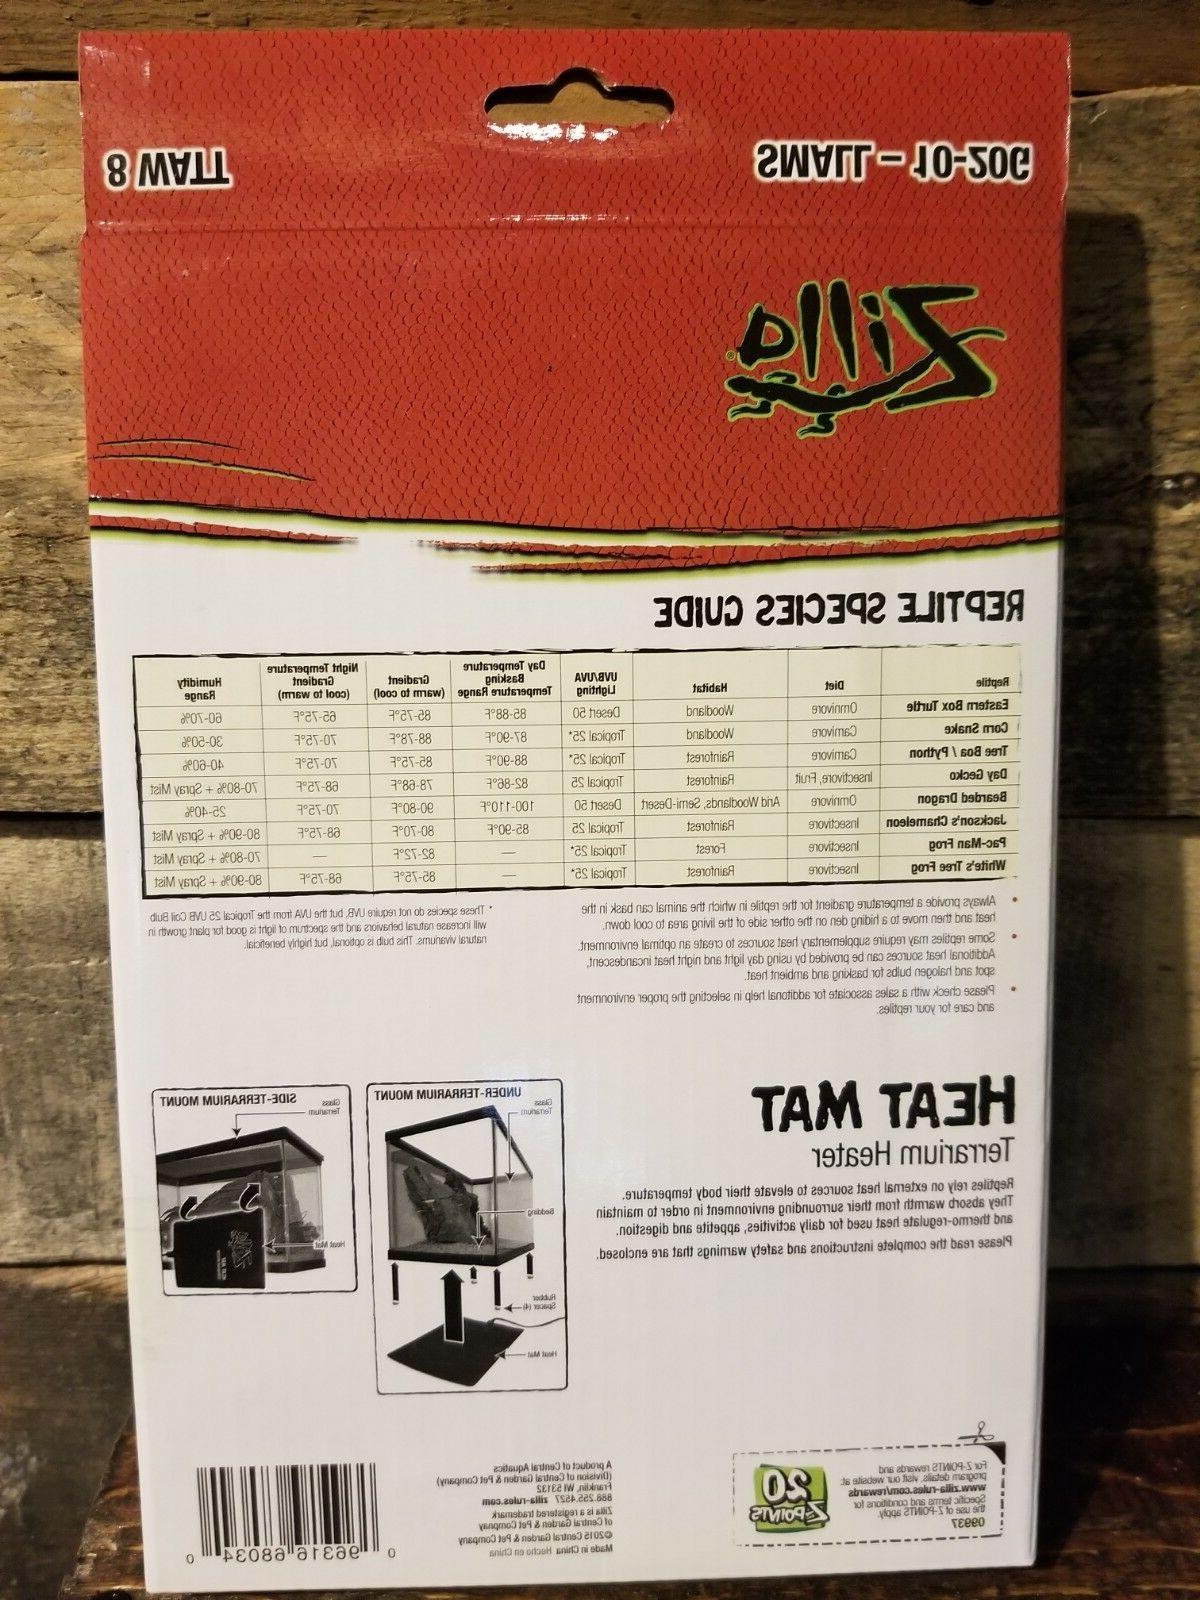 """Zilla Reptile Small Heating Watt 6"""" x 8"""" 10-20 Gallon"""